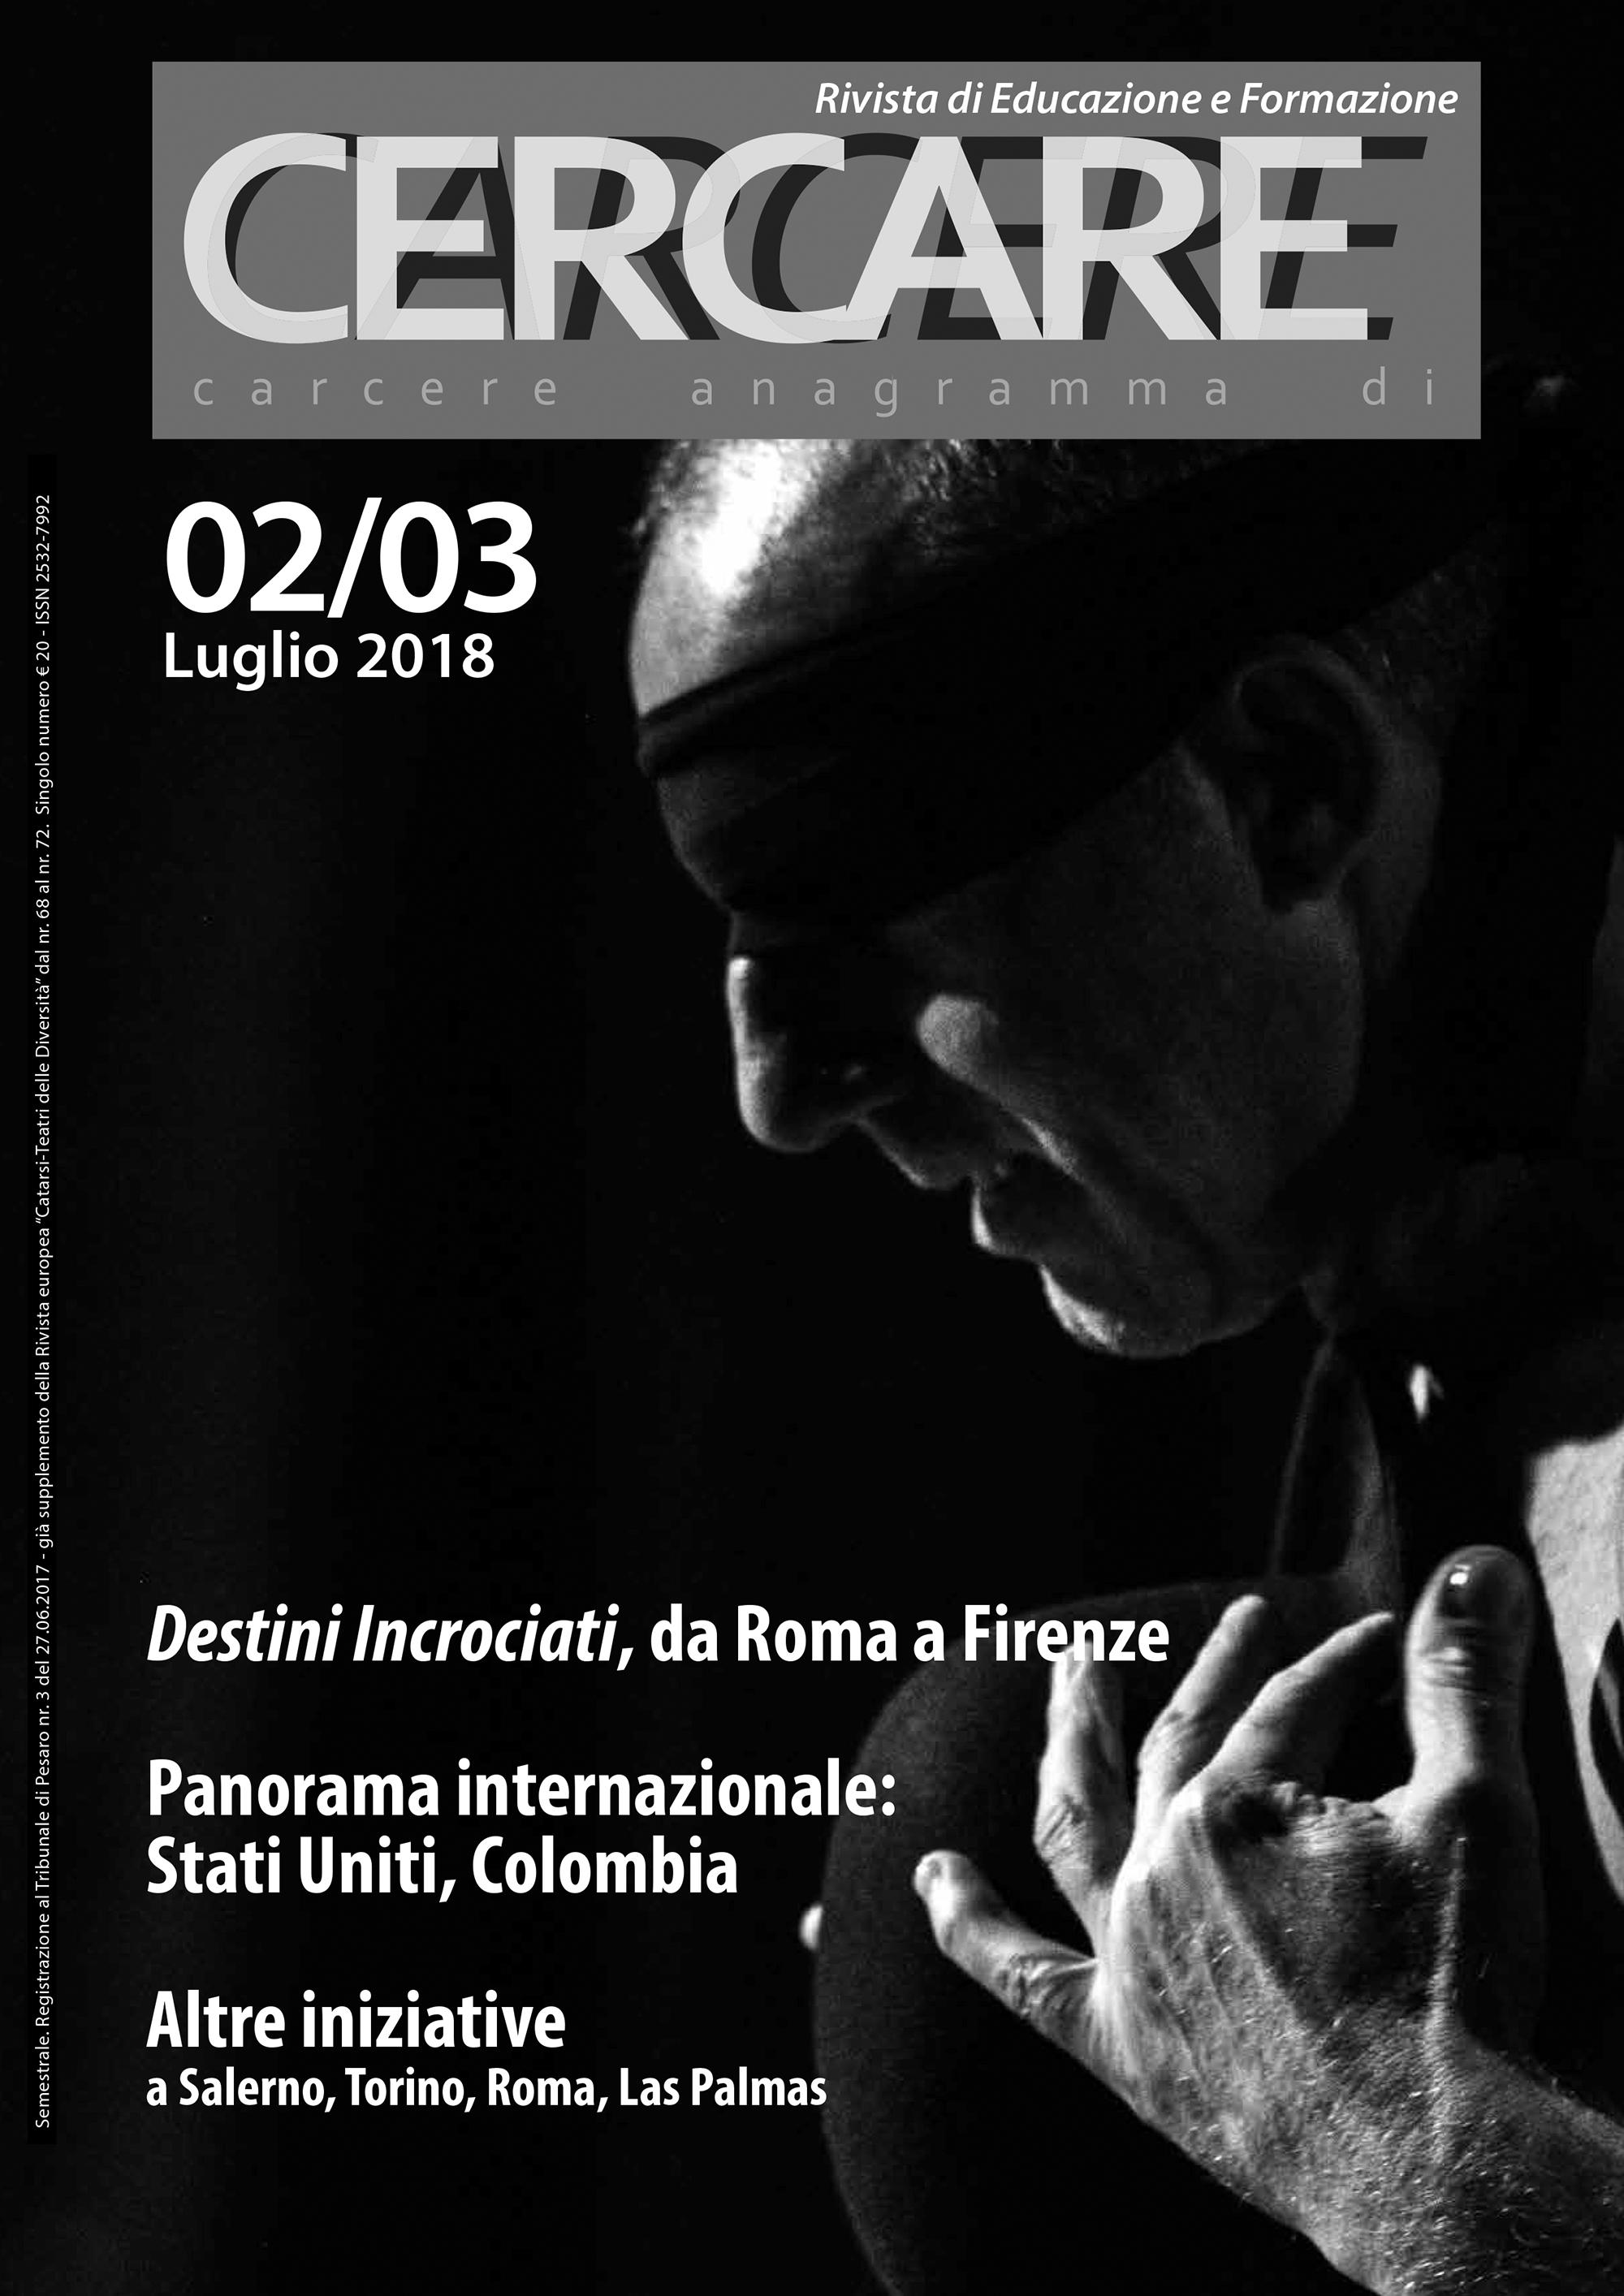 """Luglio 2018 – Rivista """"CERCARE"""" n.2/3"""